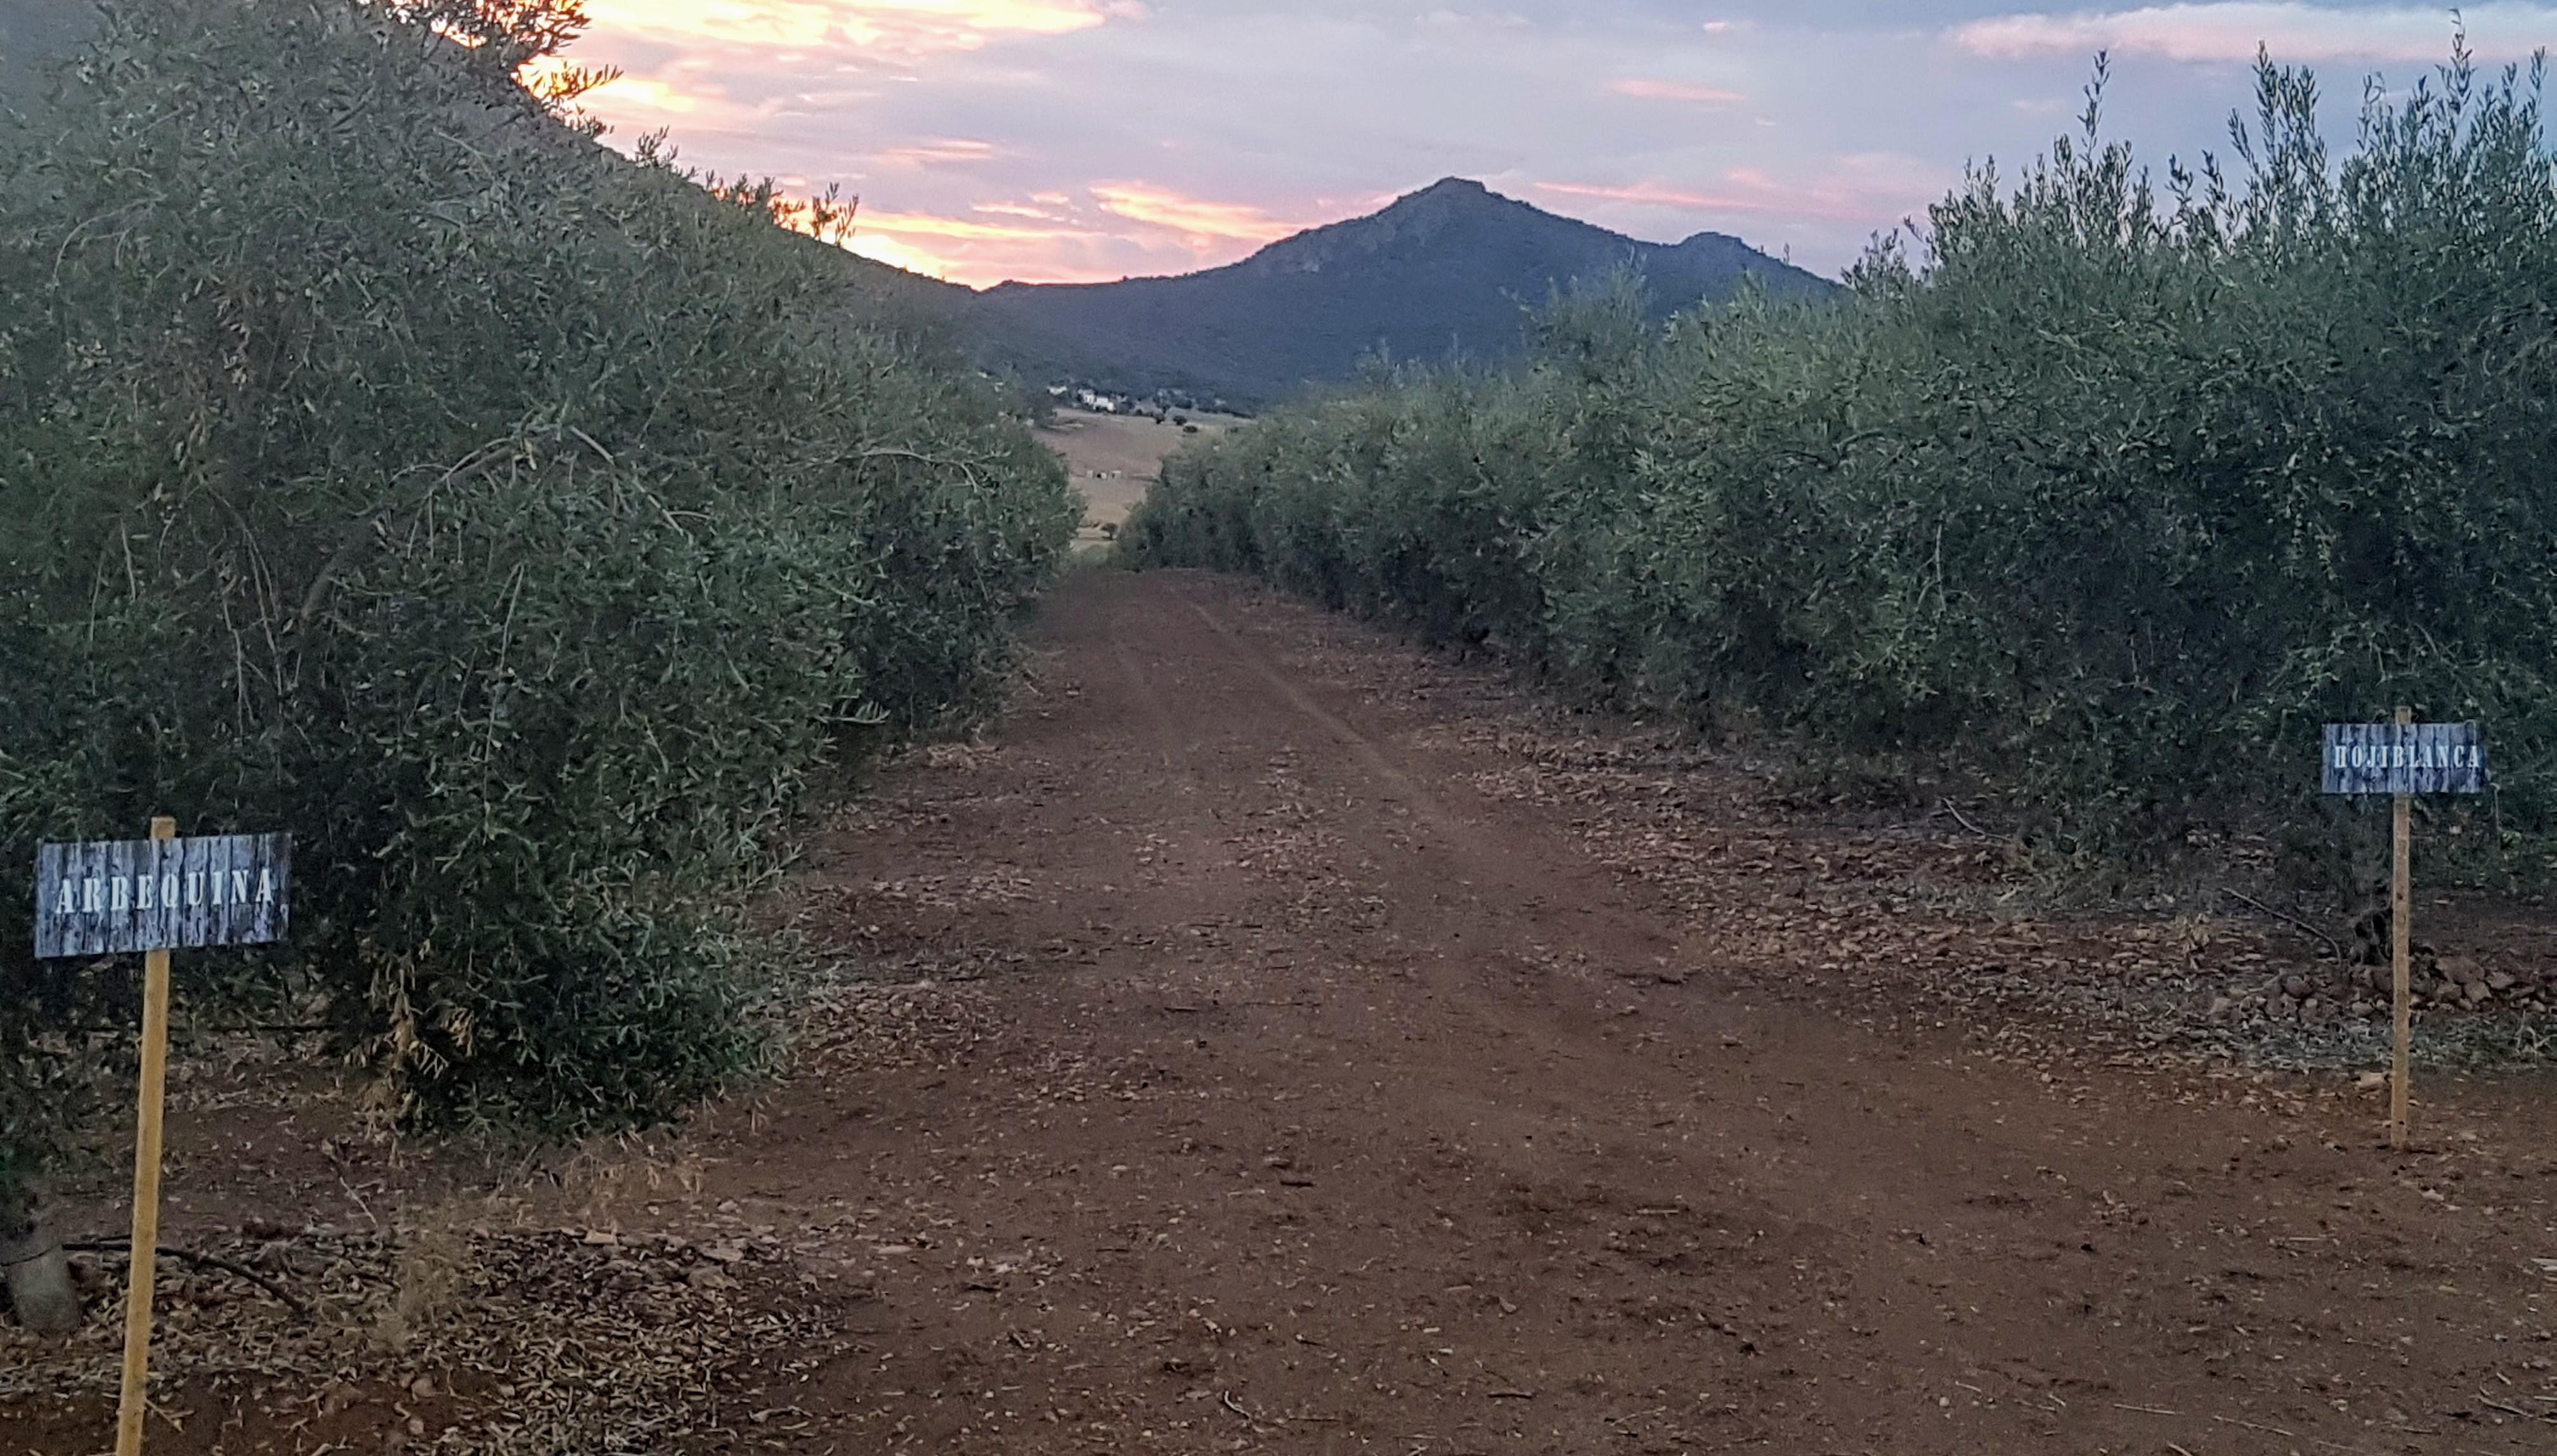 Las variedades de la aceituna delimitaban las calles del olivar